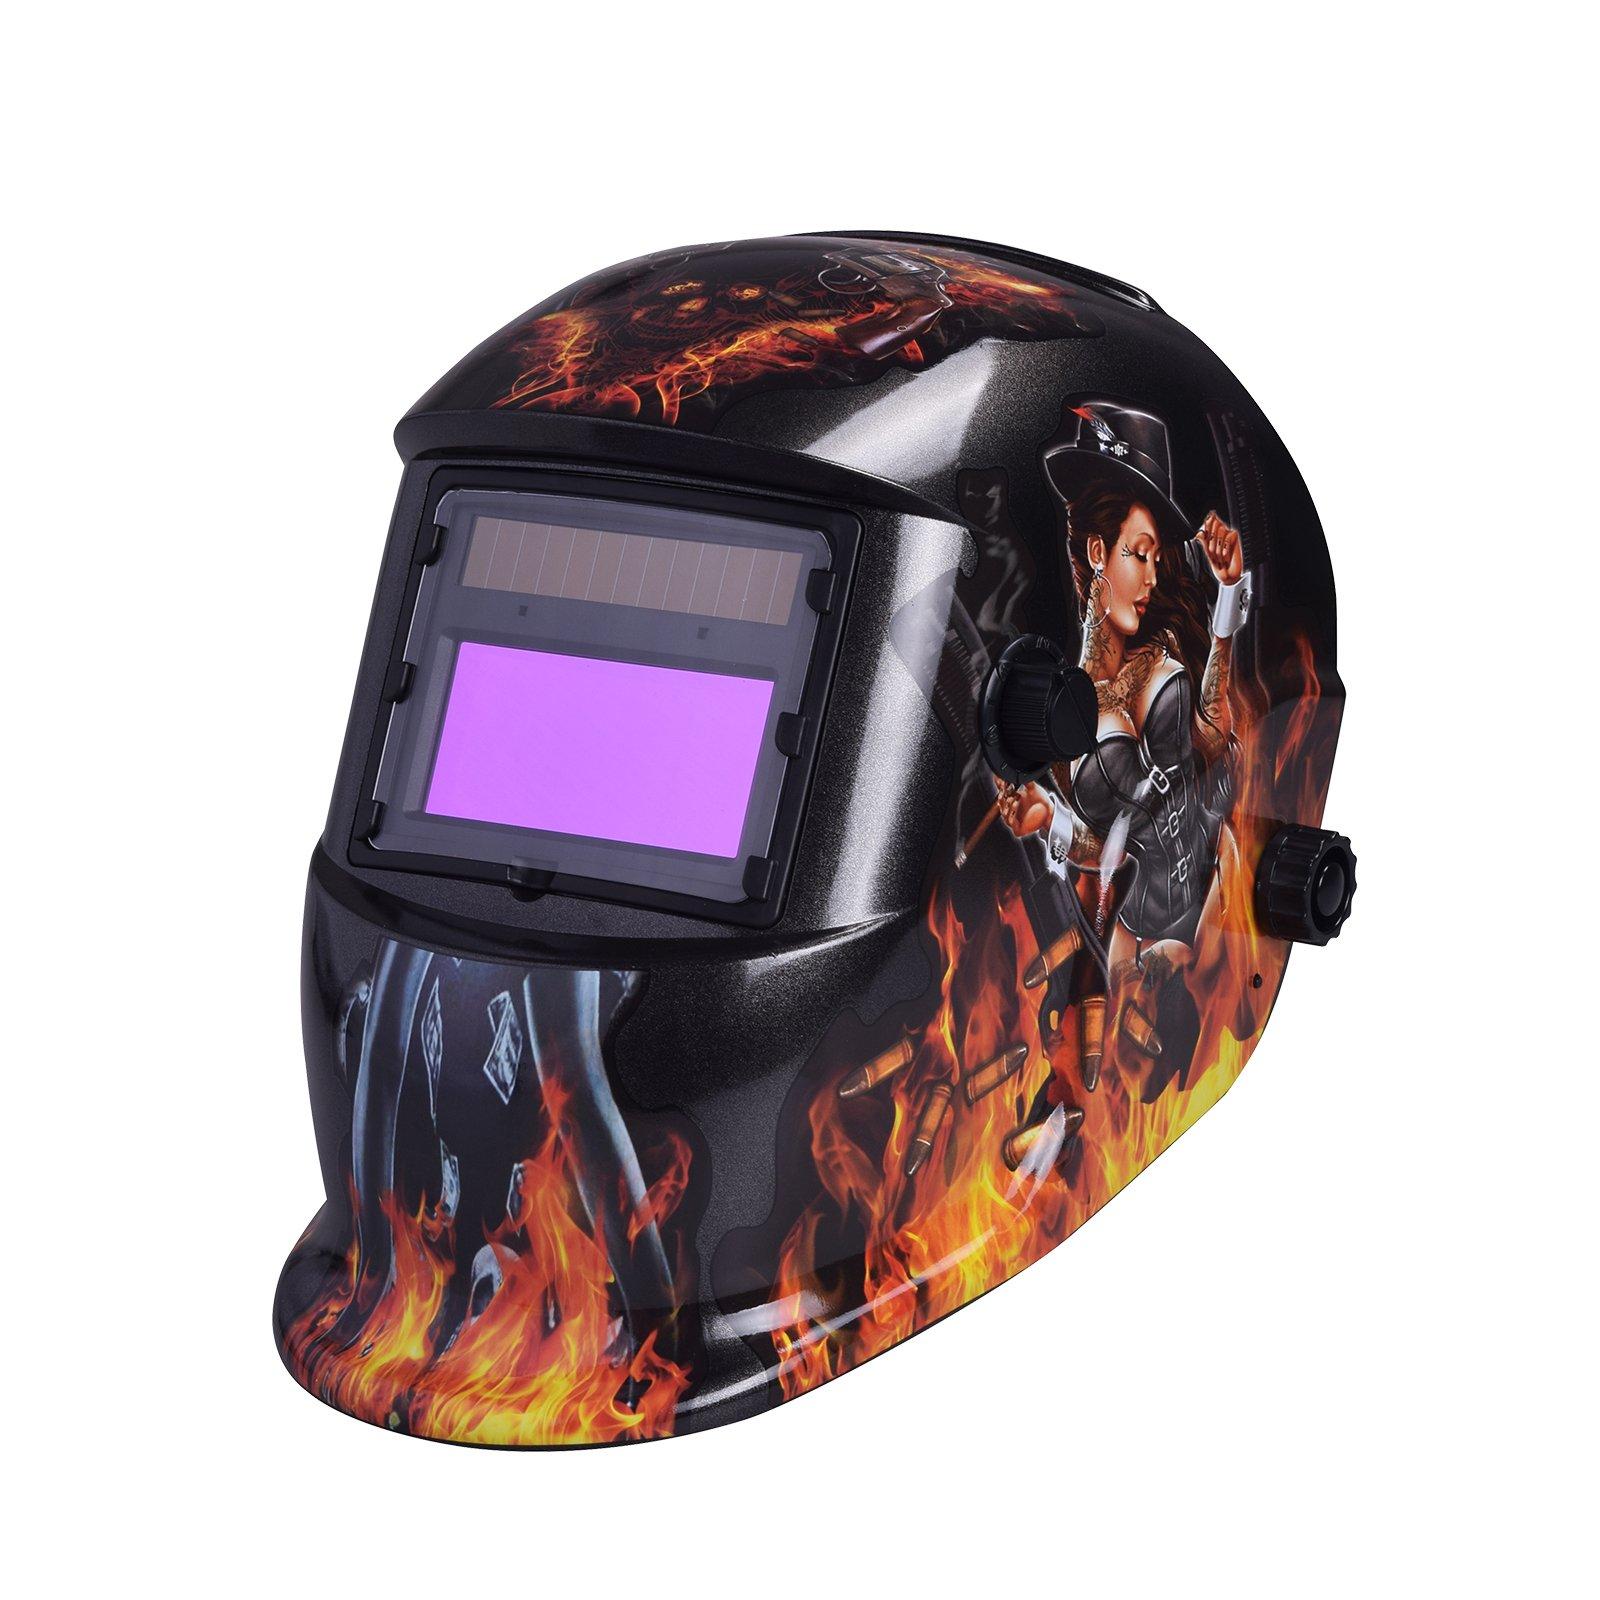 NUZAMAS 자동 차광 용접면 액정 필터 차광속도0.0002초 솔라 충전식 용접 마스크・용접 DIN4 / 9-13 UV / IV보호DIN16